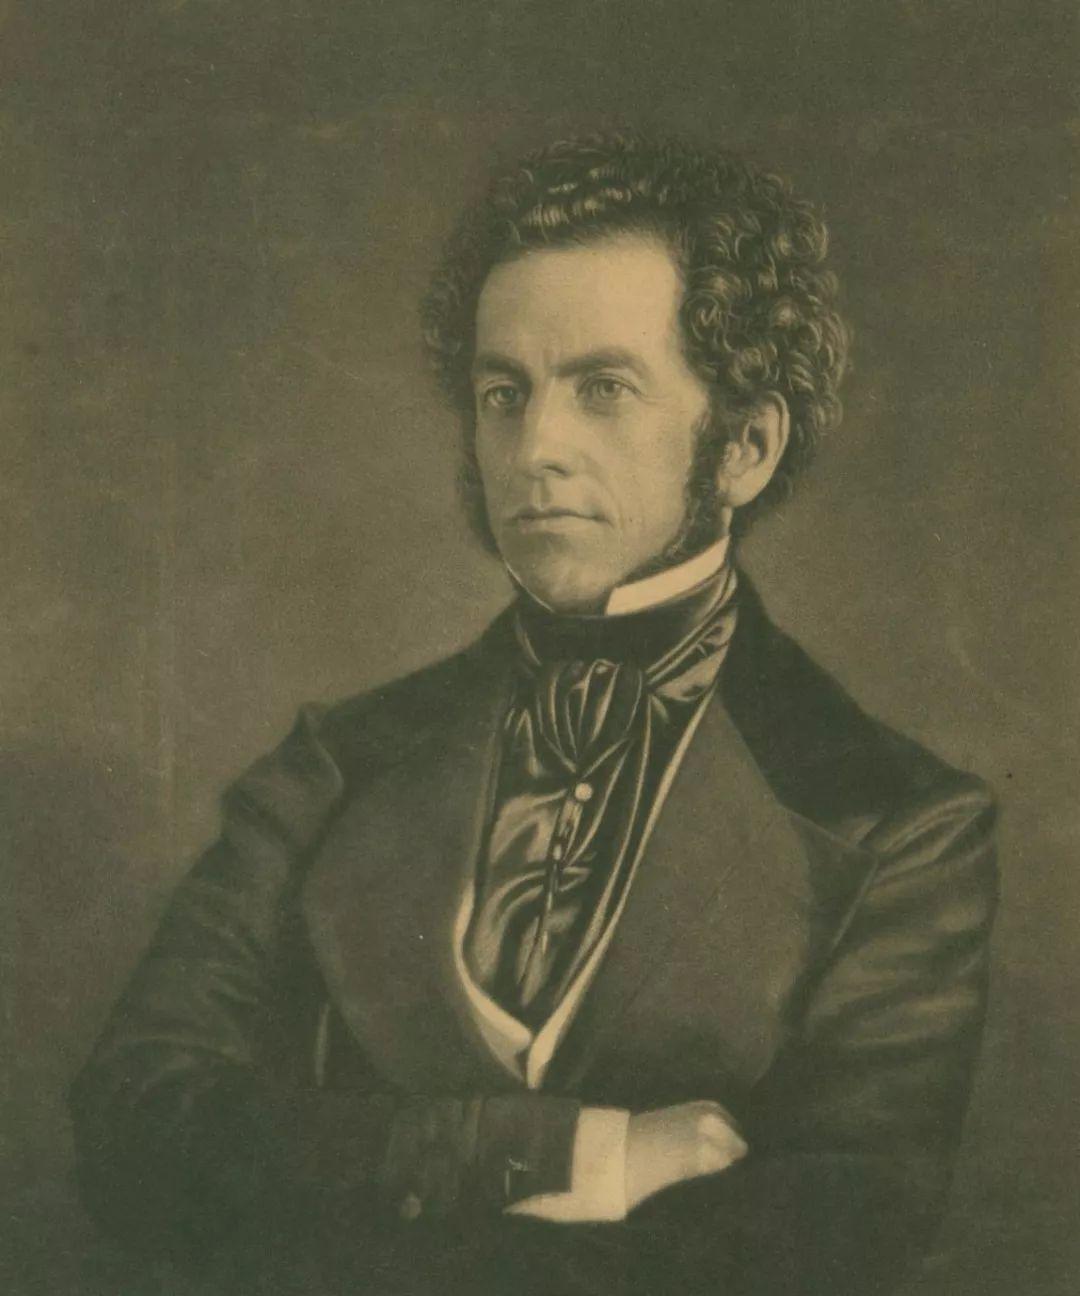 托马斯·邓特·穆特(Thomas Dent Mutter),与博物馆同名